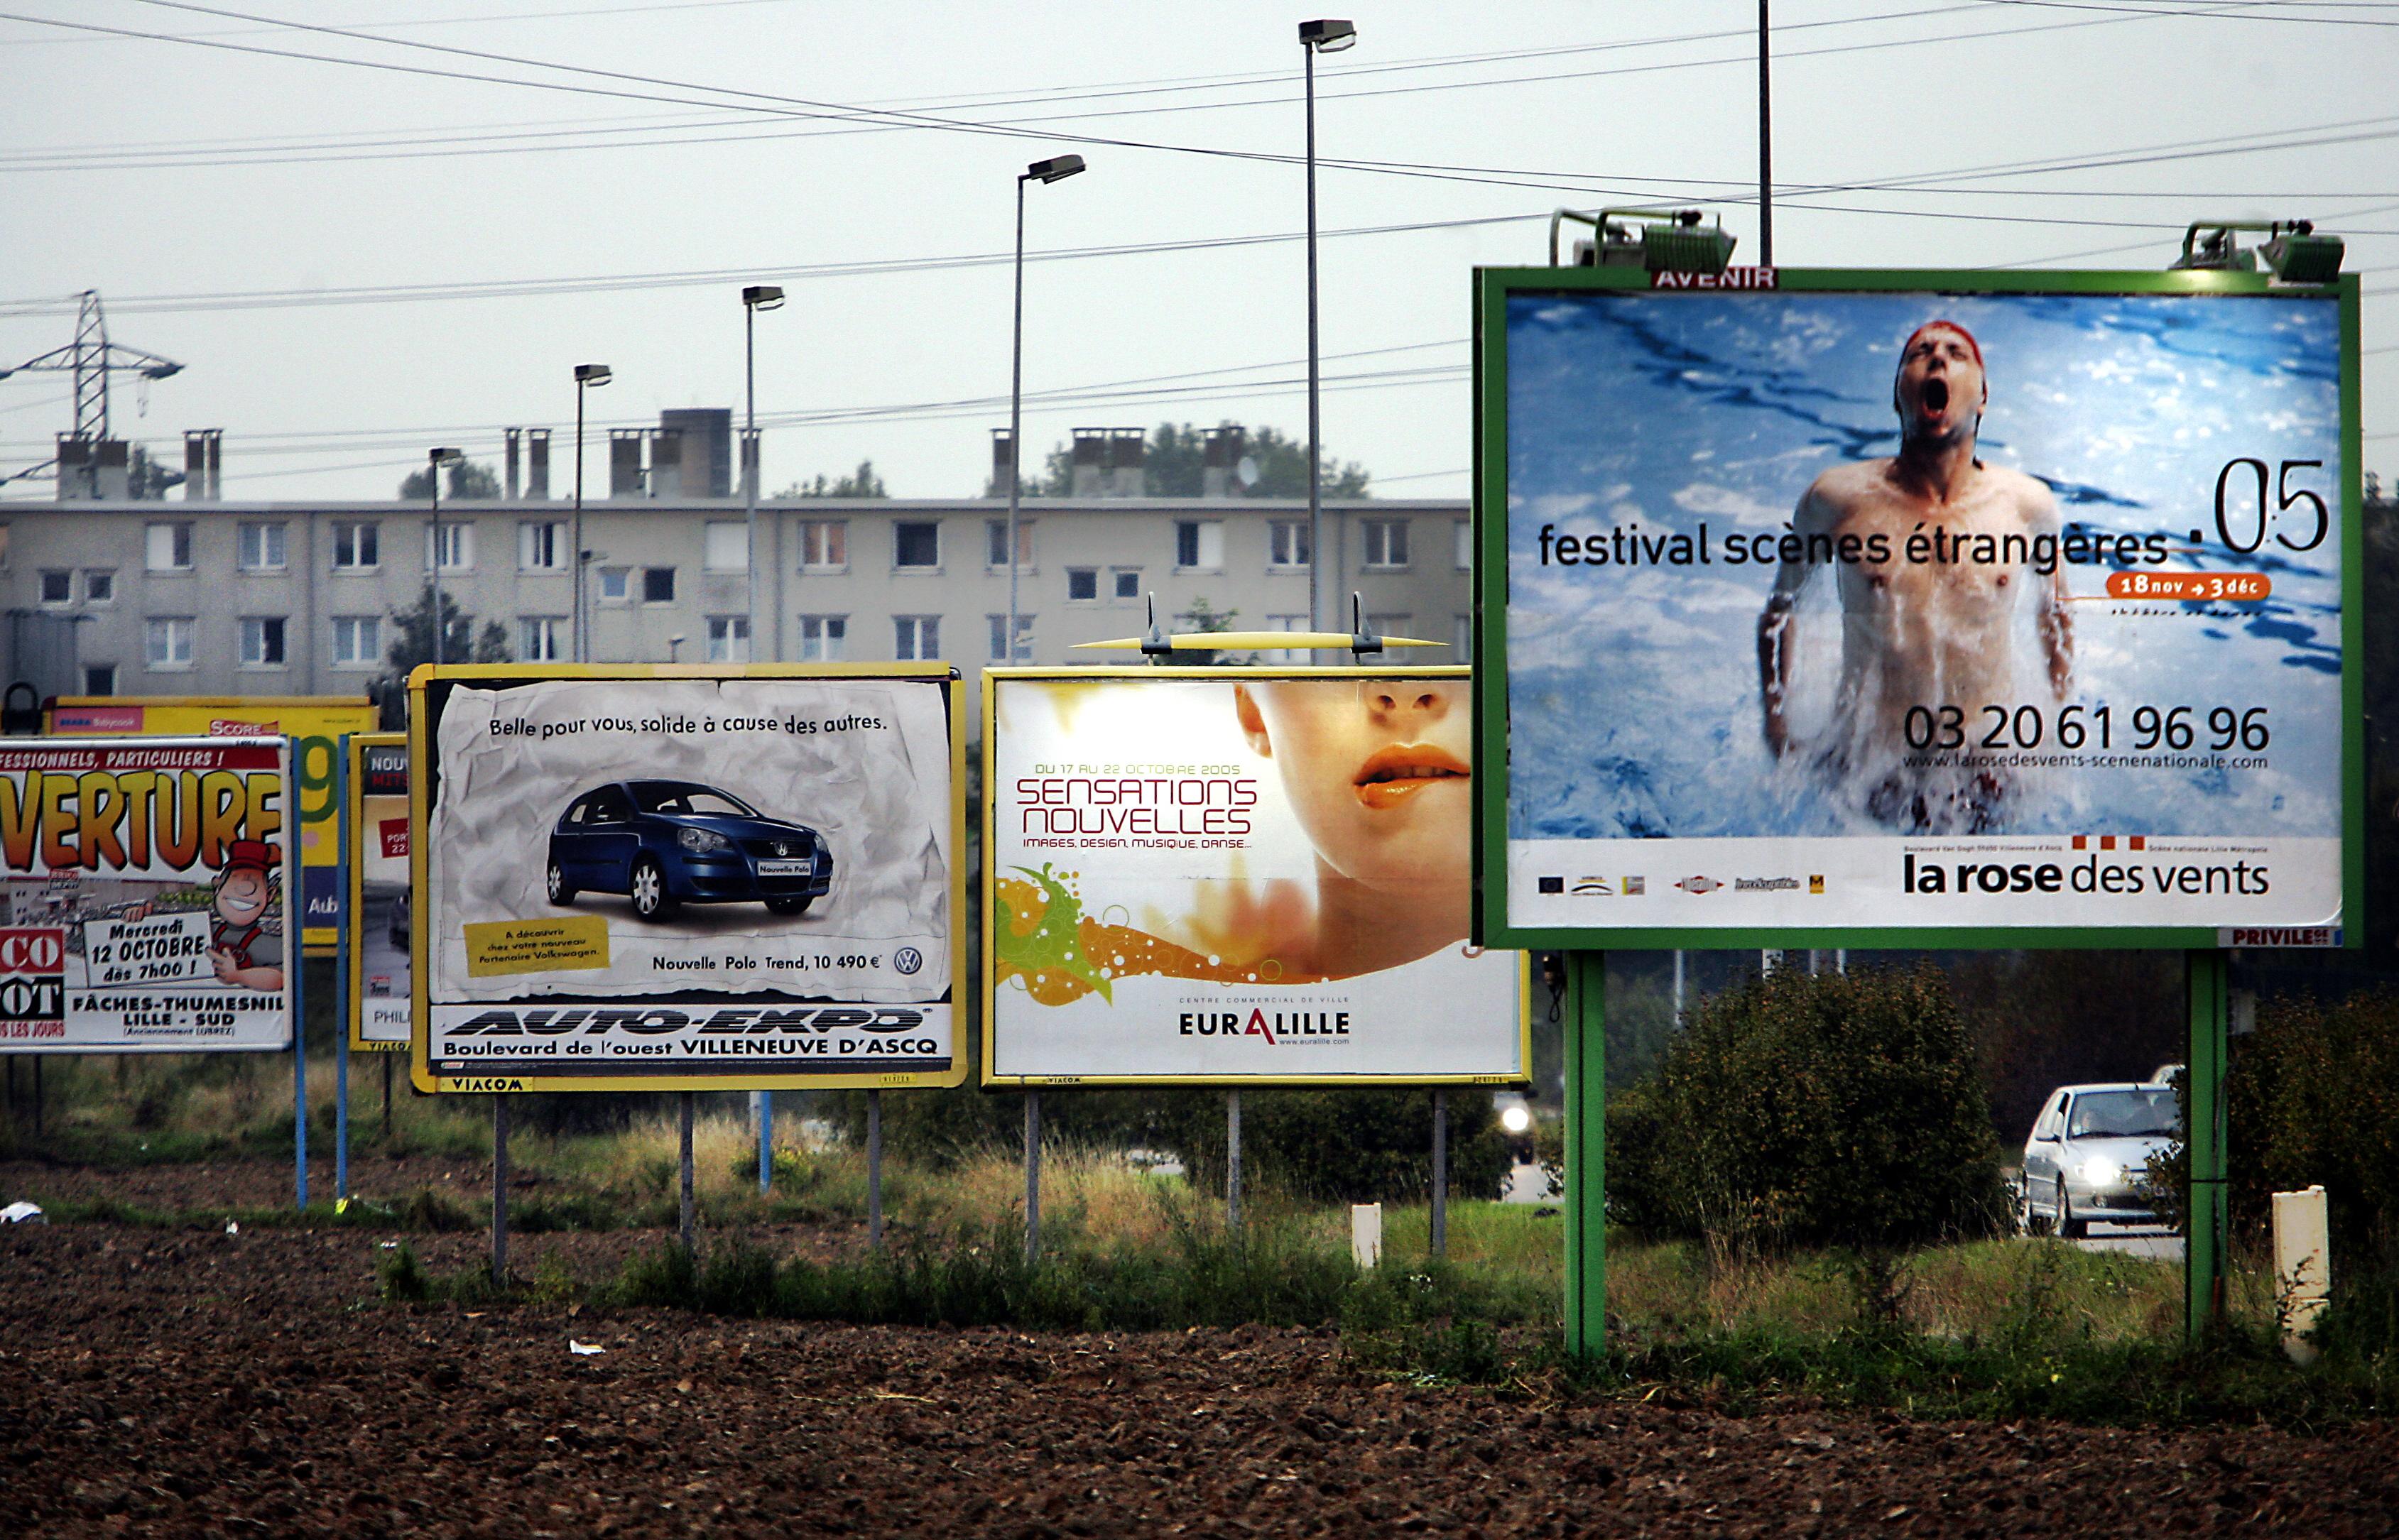 Francia városokban lázadni kezdtek az egyre agresszívabb köztéri reklámok ellen